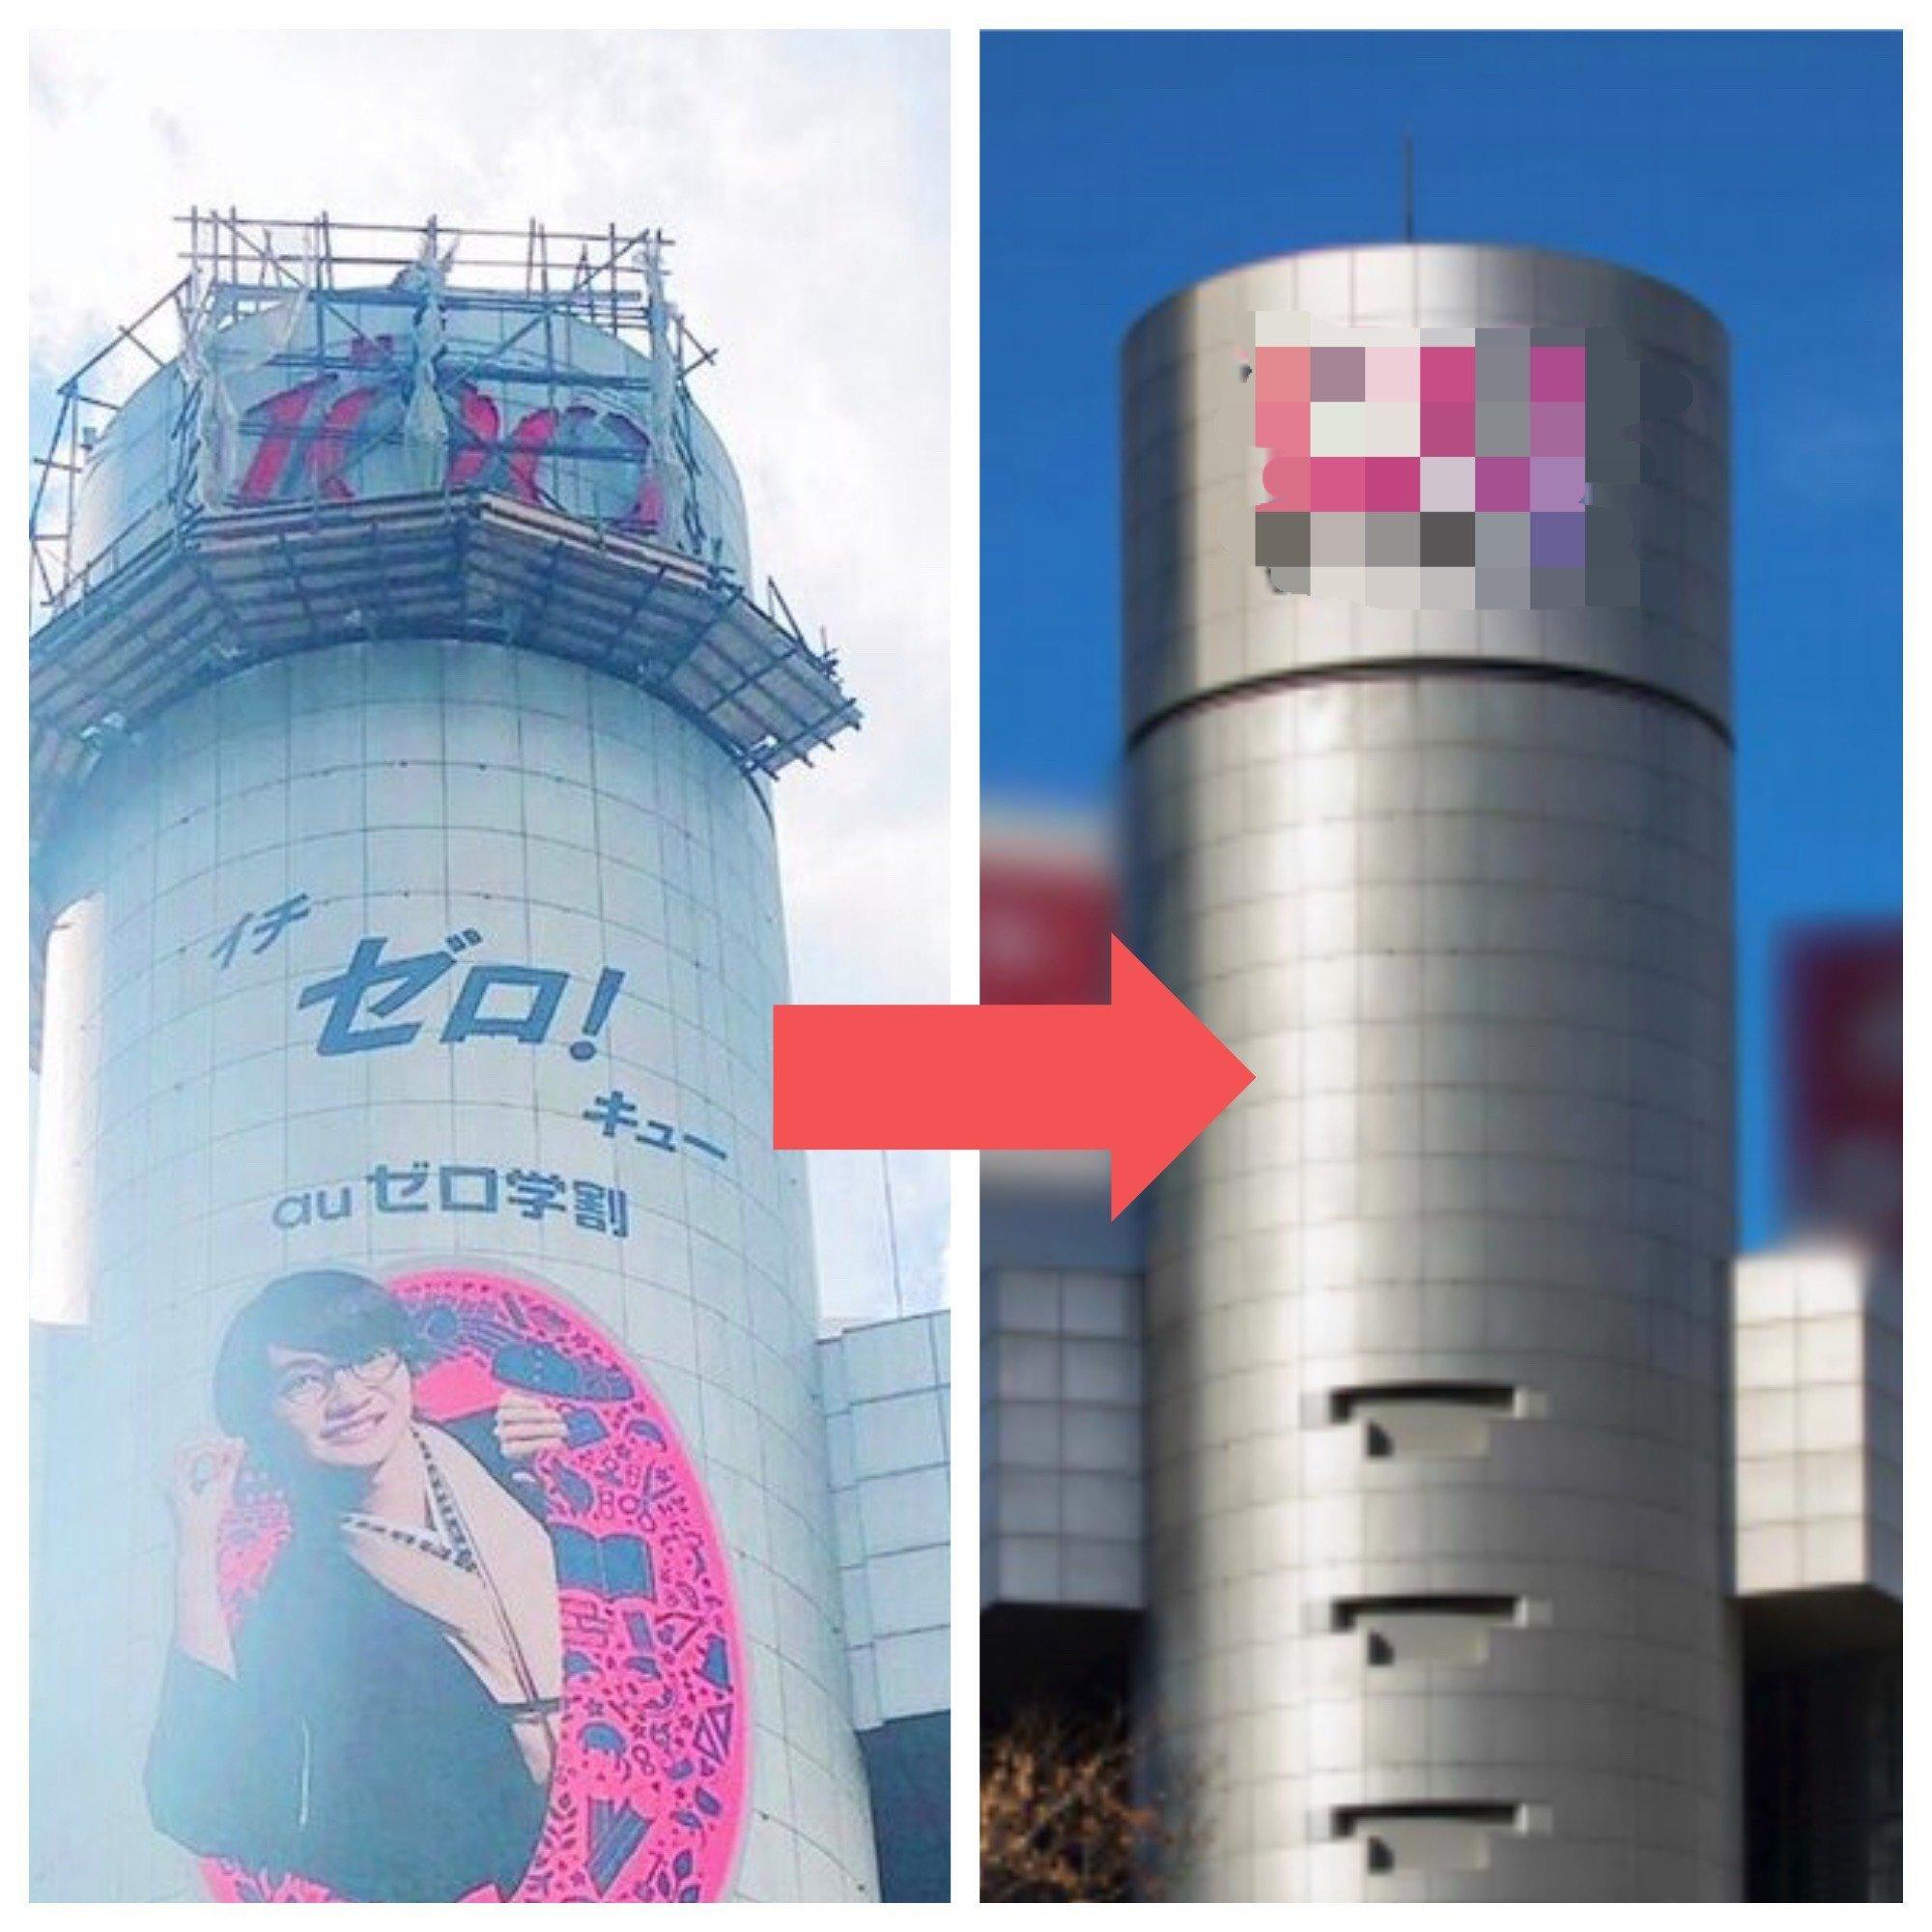 渋谷マルキュー(109)のロゴが撤去された。4月28日からは新たな装いに